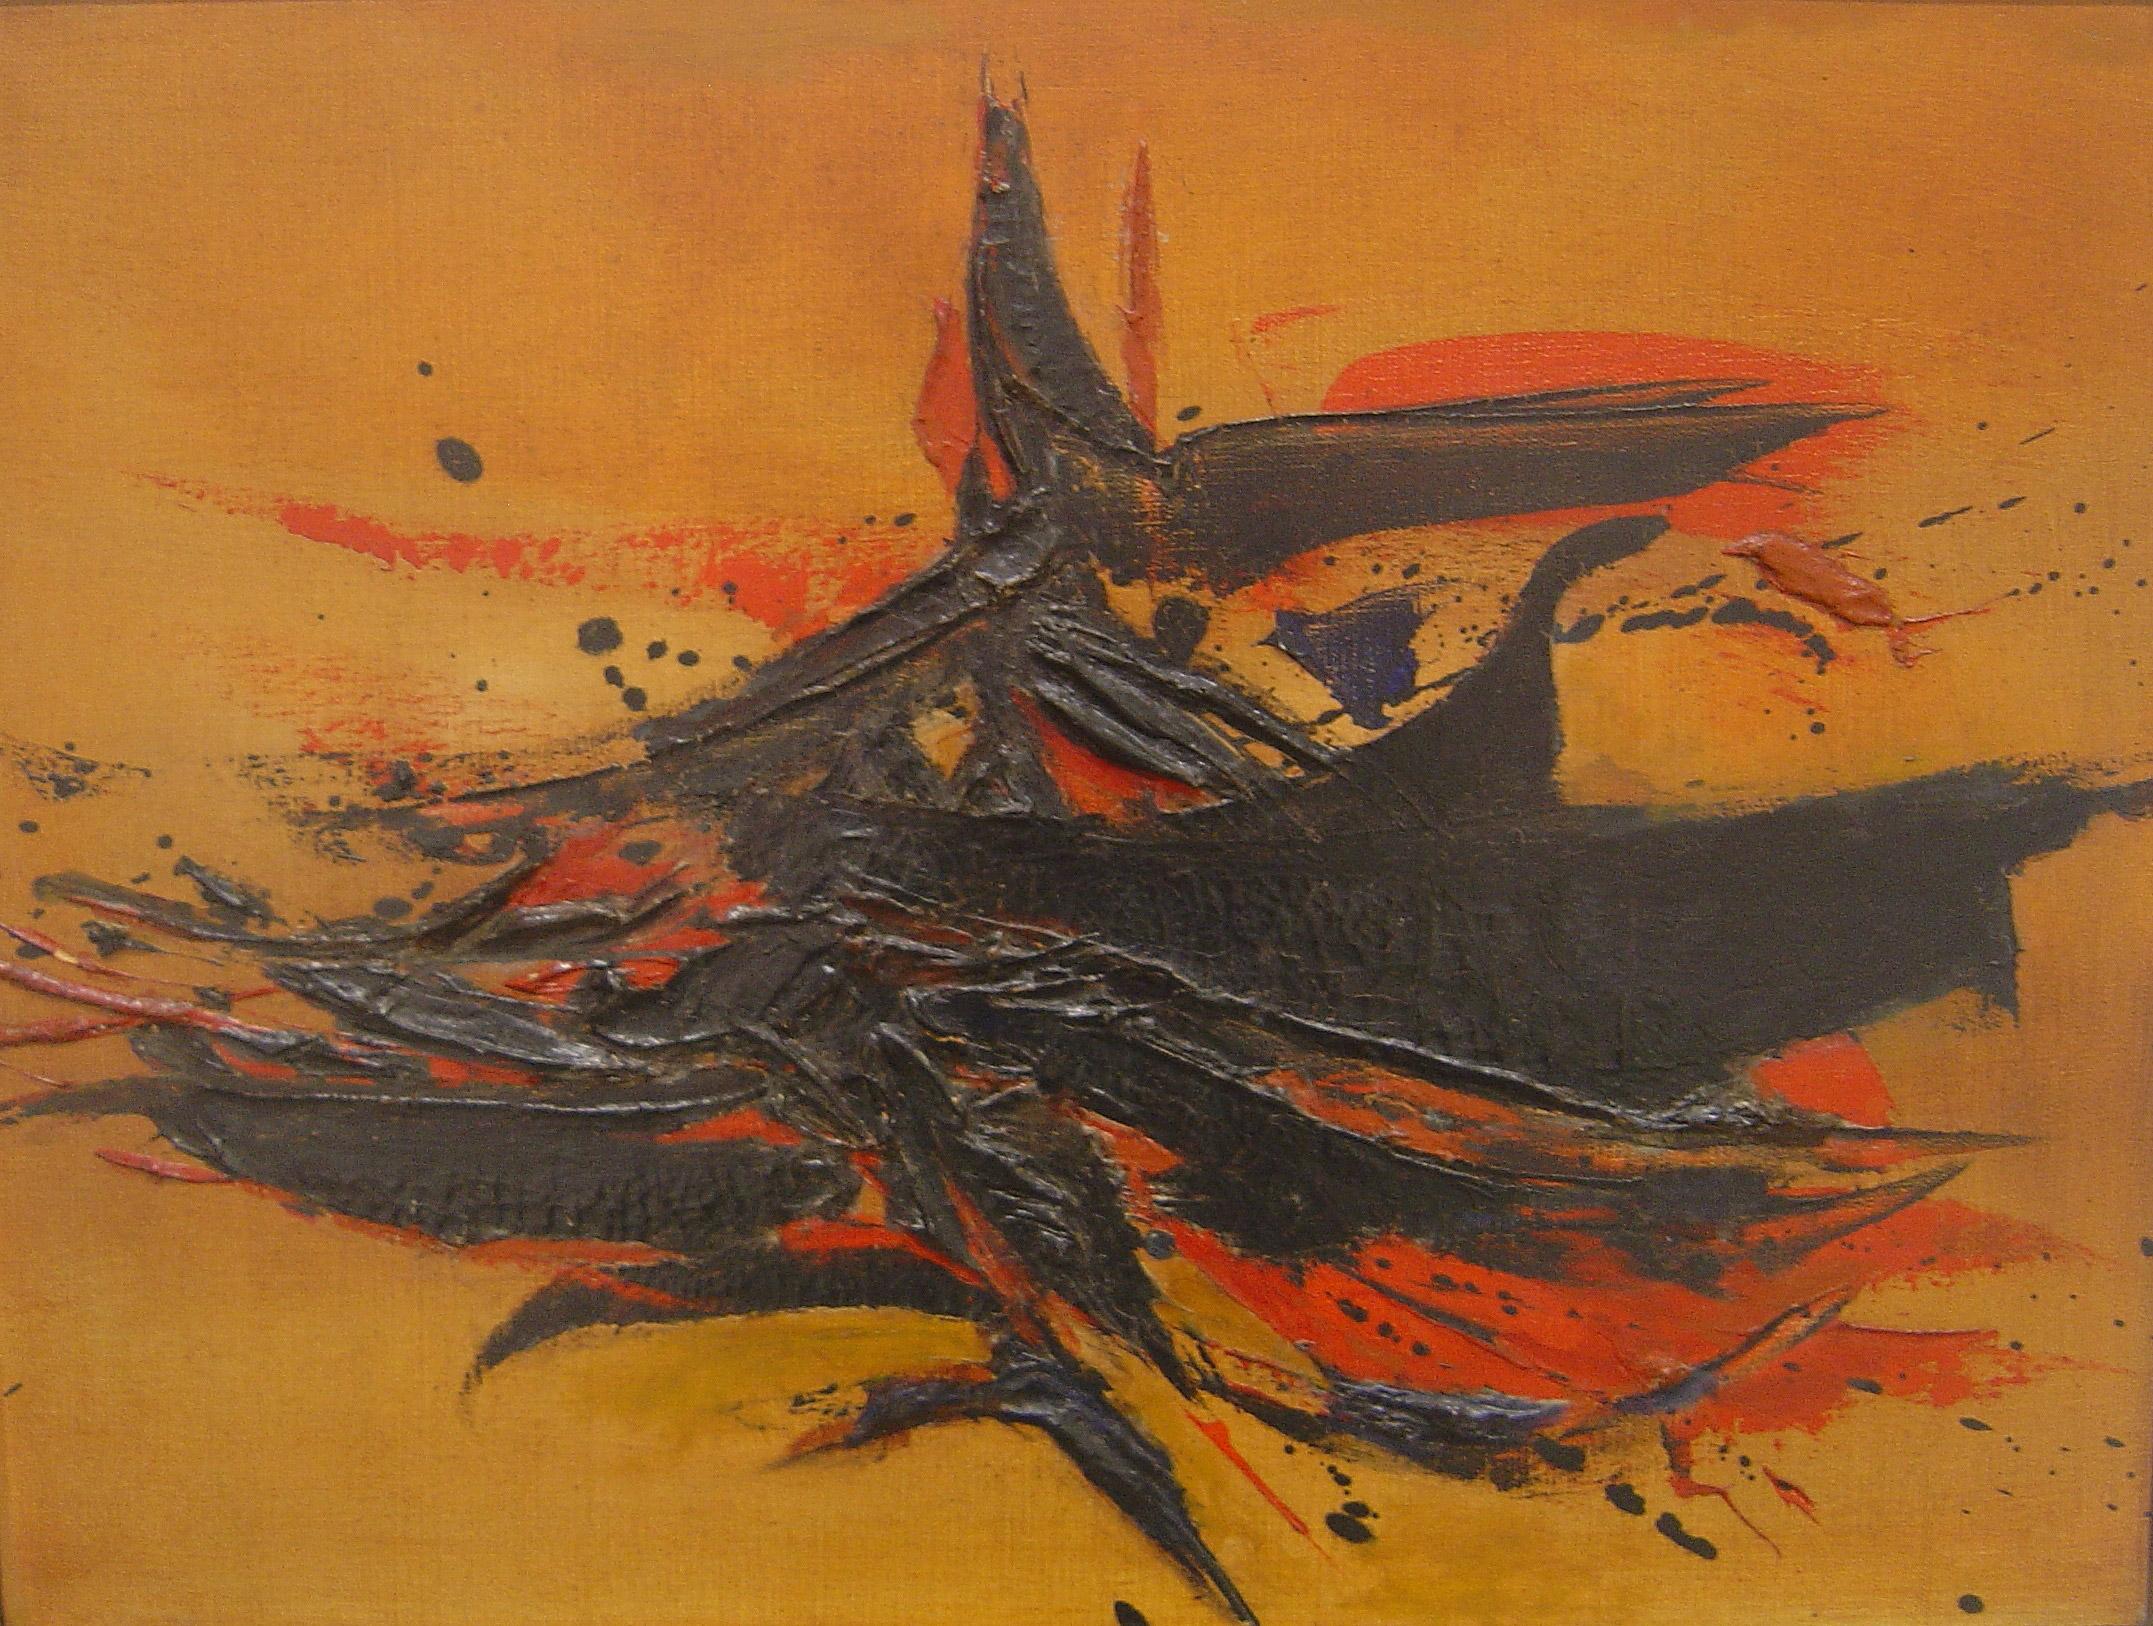 Pintura-n-49-oleo-sobre-tela-45-x-60-cm-1960